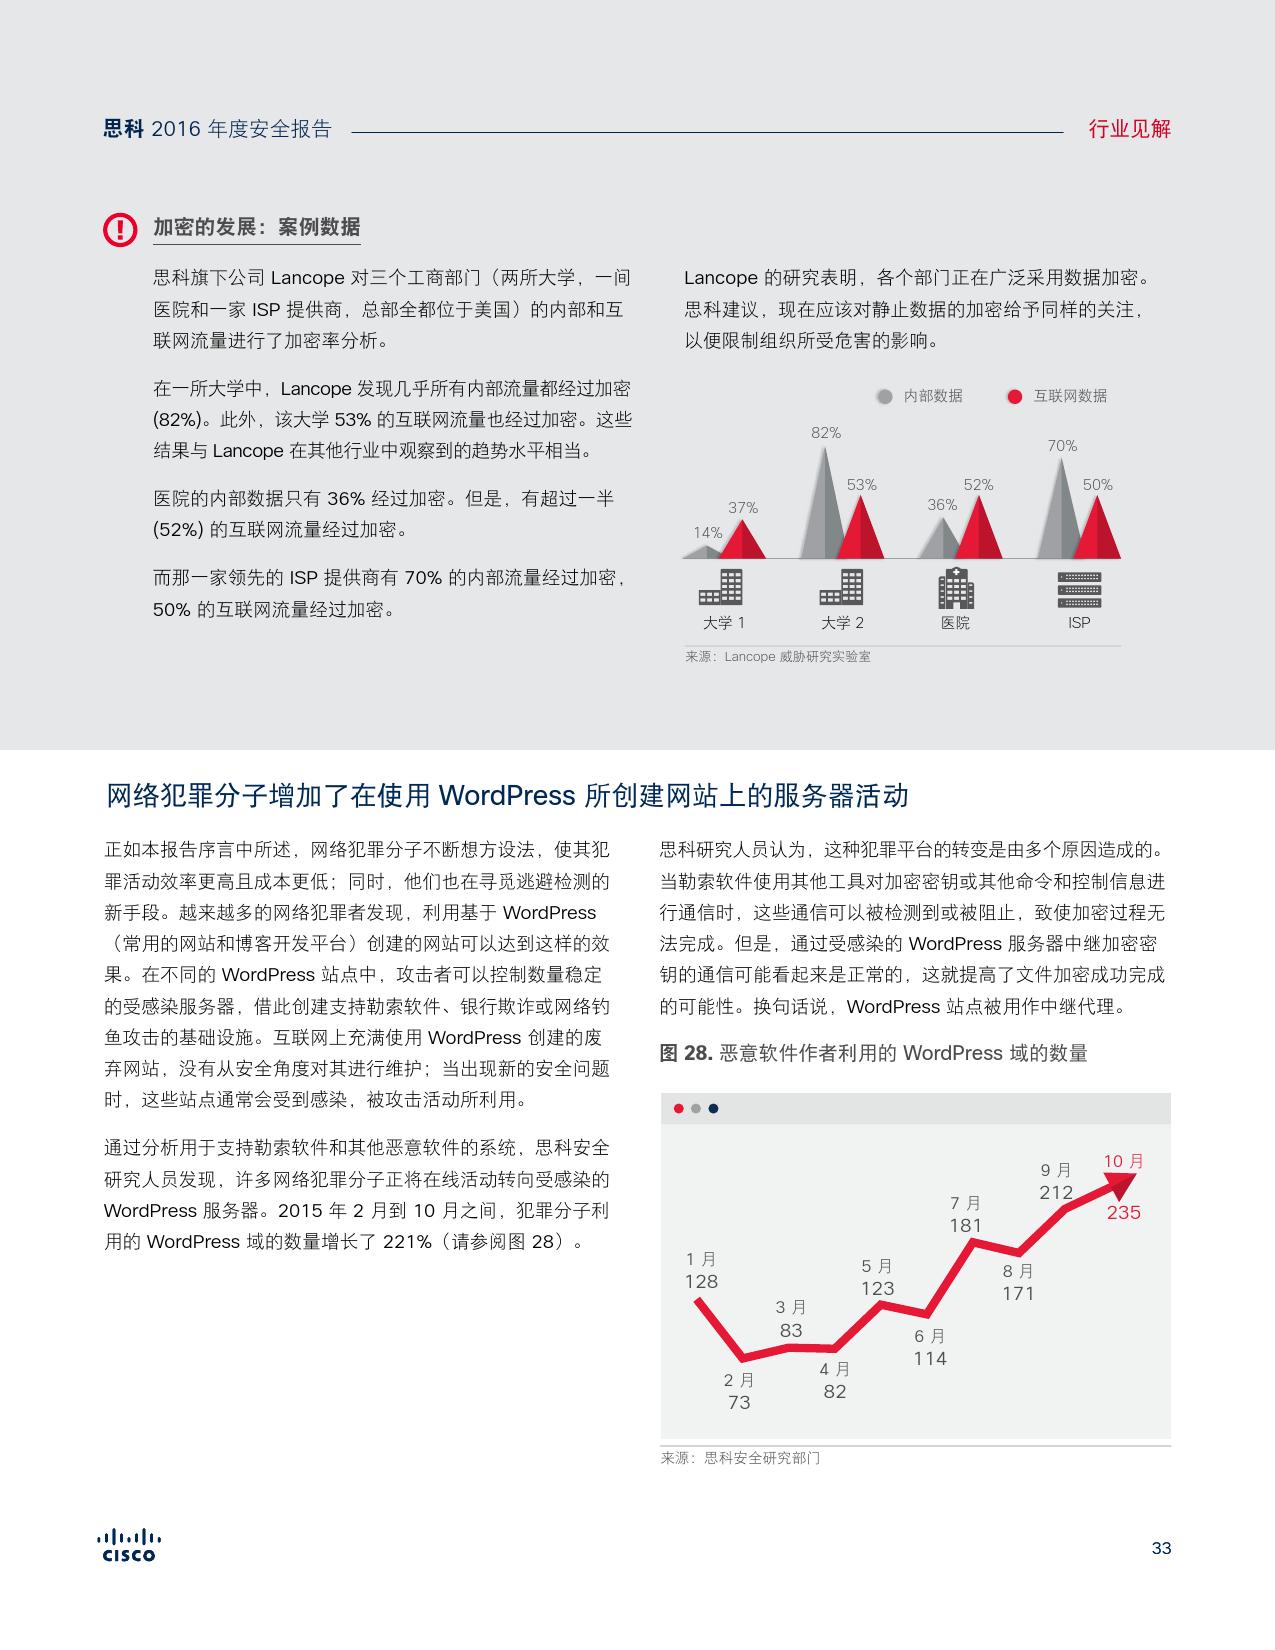 2016年中网络安全报告_000033